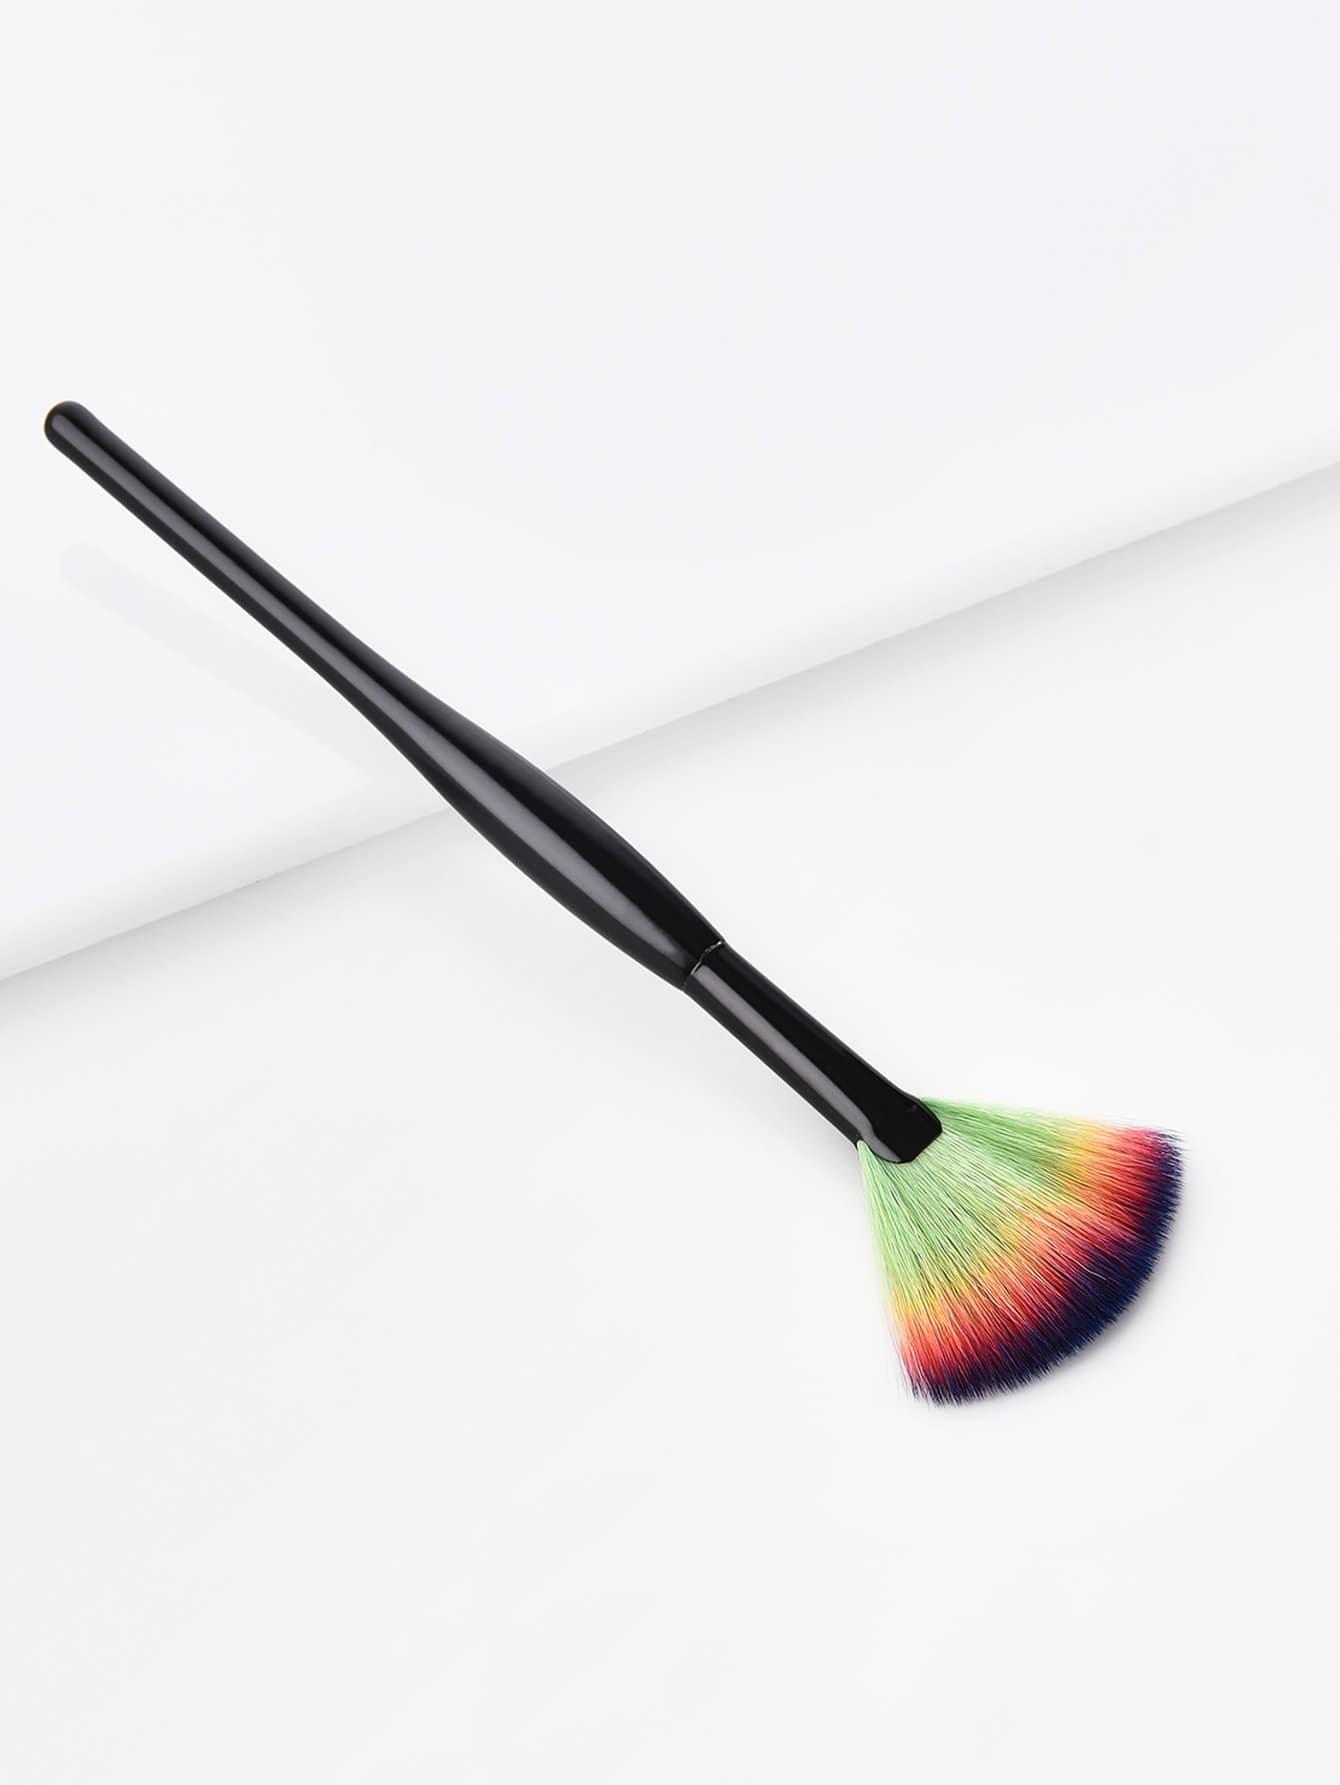 Fan Shaped Cosmetic Brush 1Pc